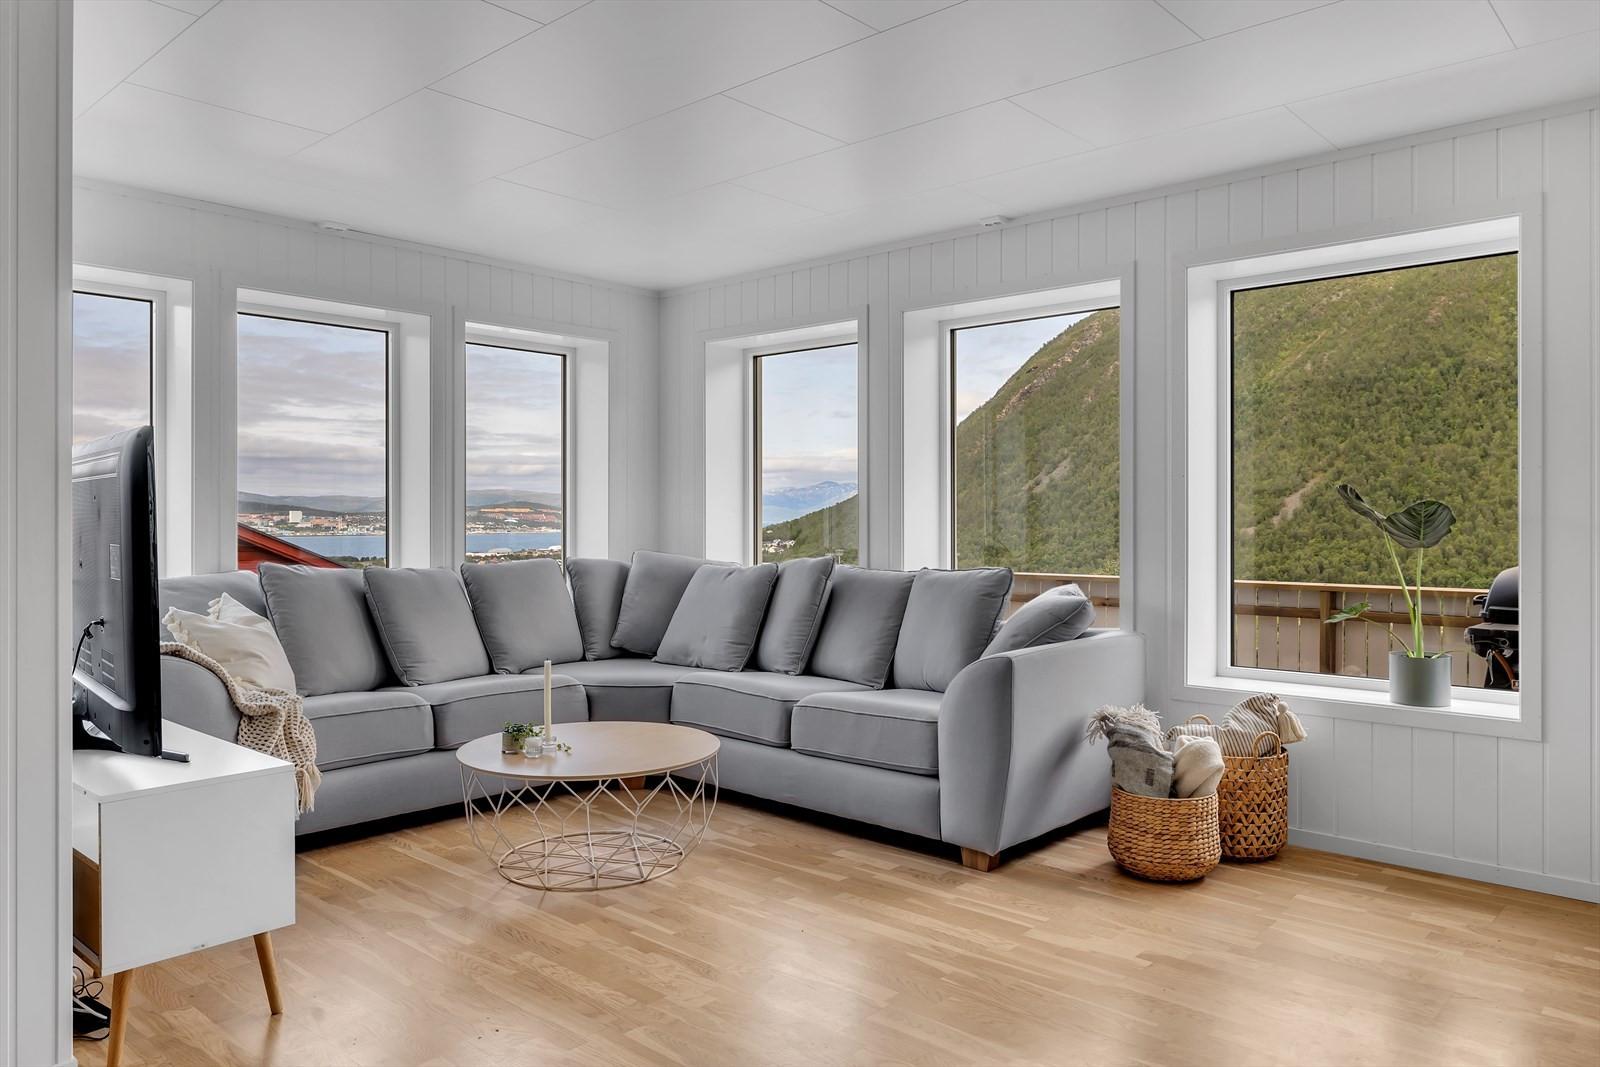 Flott utsikt mot Tromsøya, Tromøsydundet og Ringvassøya